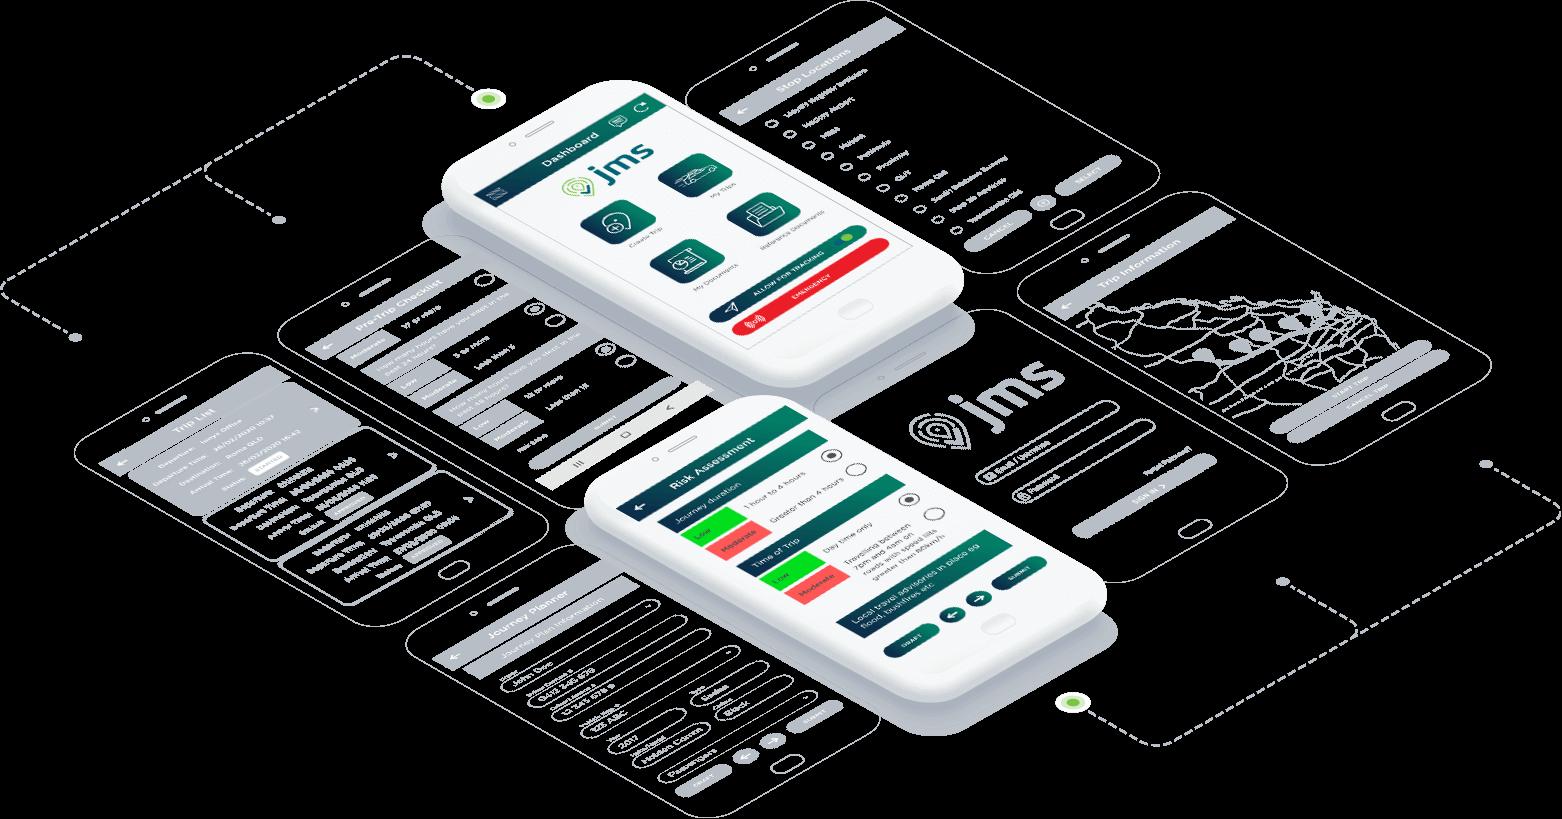 Journey Management System   JMS - safety app, Enhanced-UI-Image